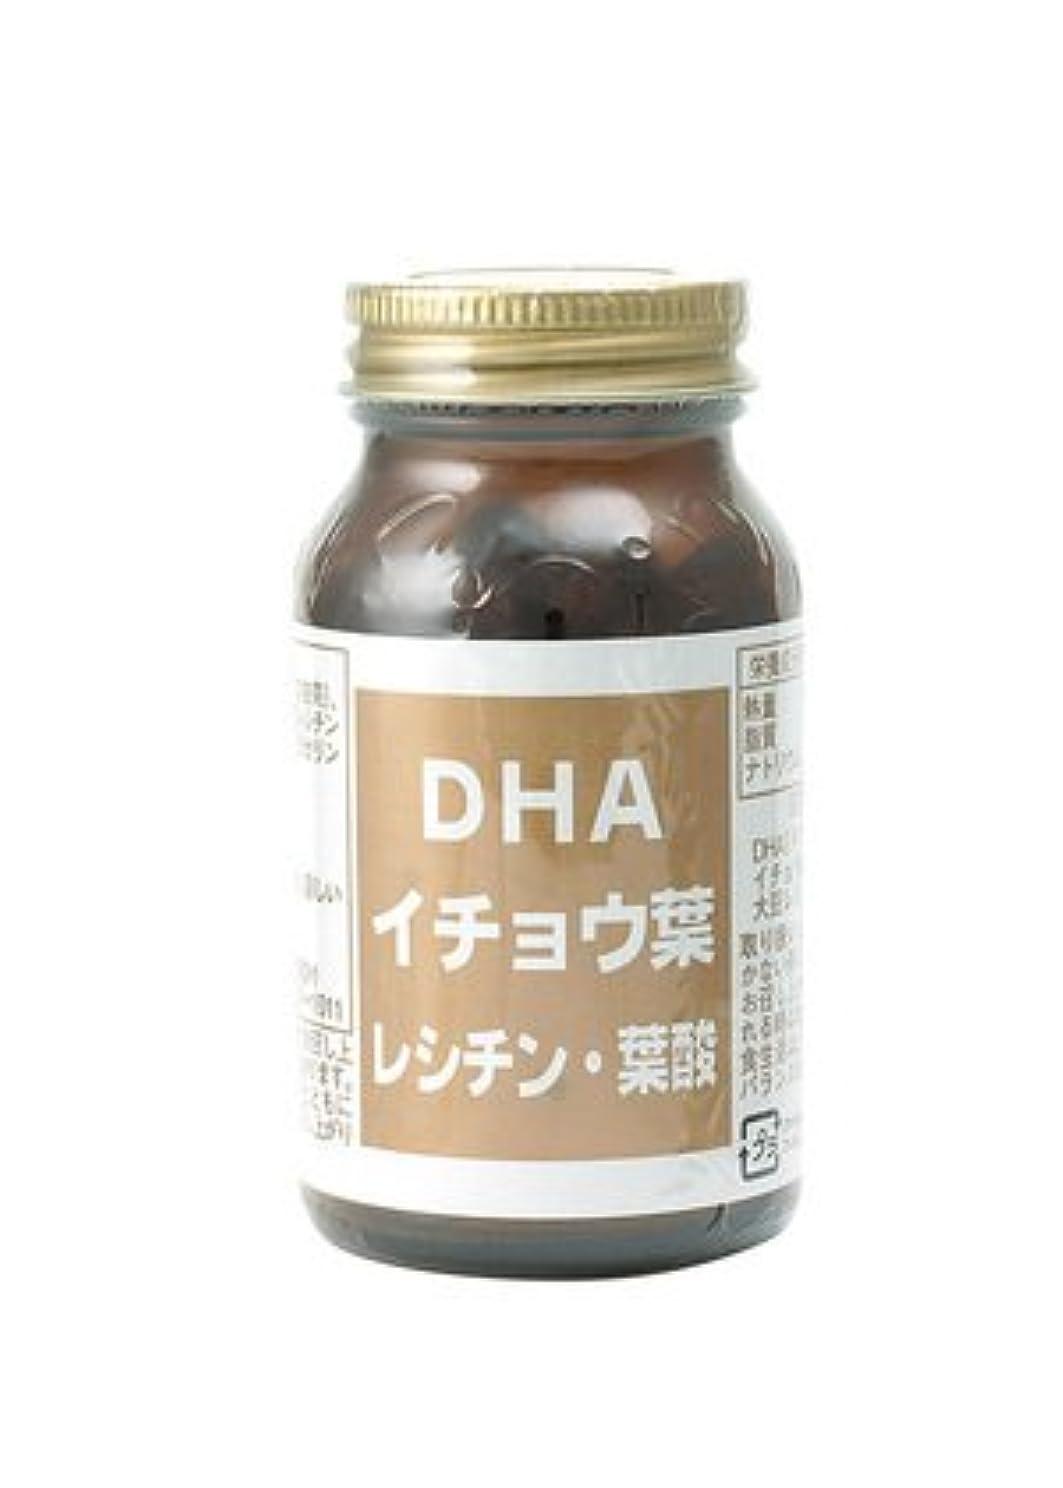 絶壁航海のバナナDHA イチョウ葉 大豆レシチン 葉酸 配合 DHA 56.4g